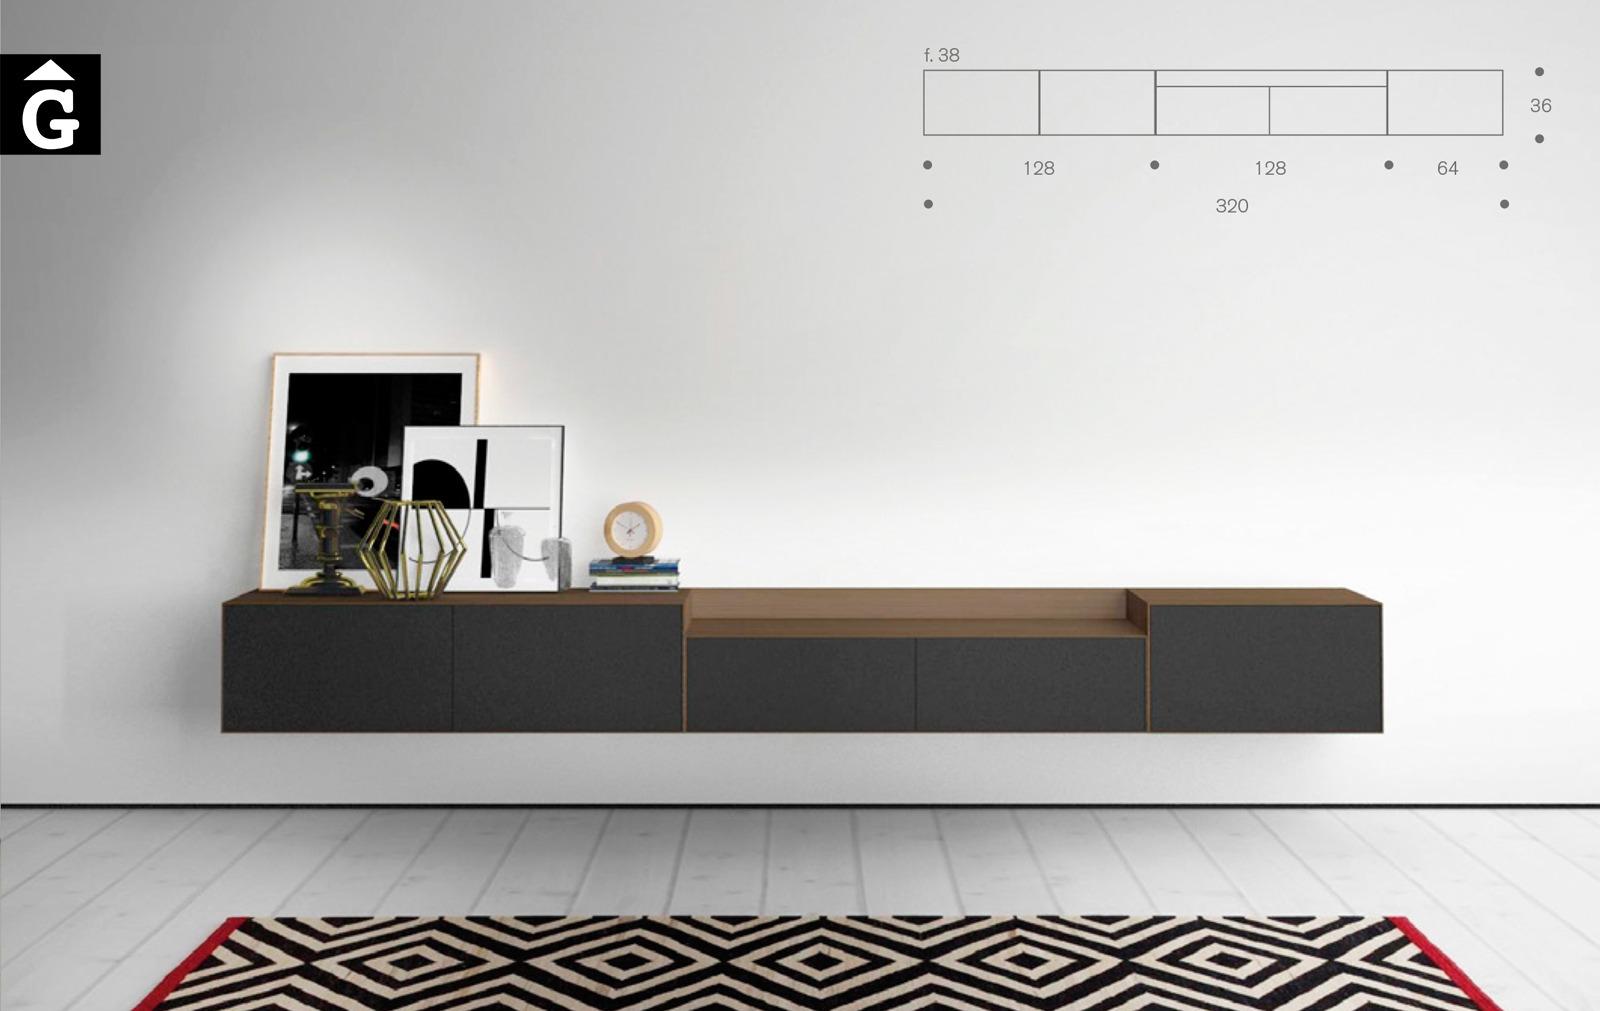 Lauki 15 2 Treku by mobles Gifreu Idees per la llar moble de qualitat-Recovered